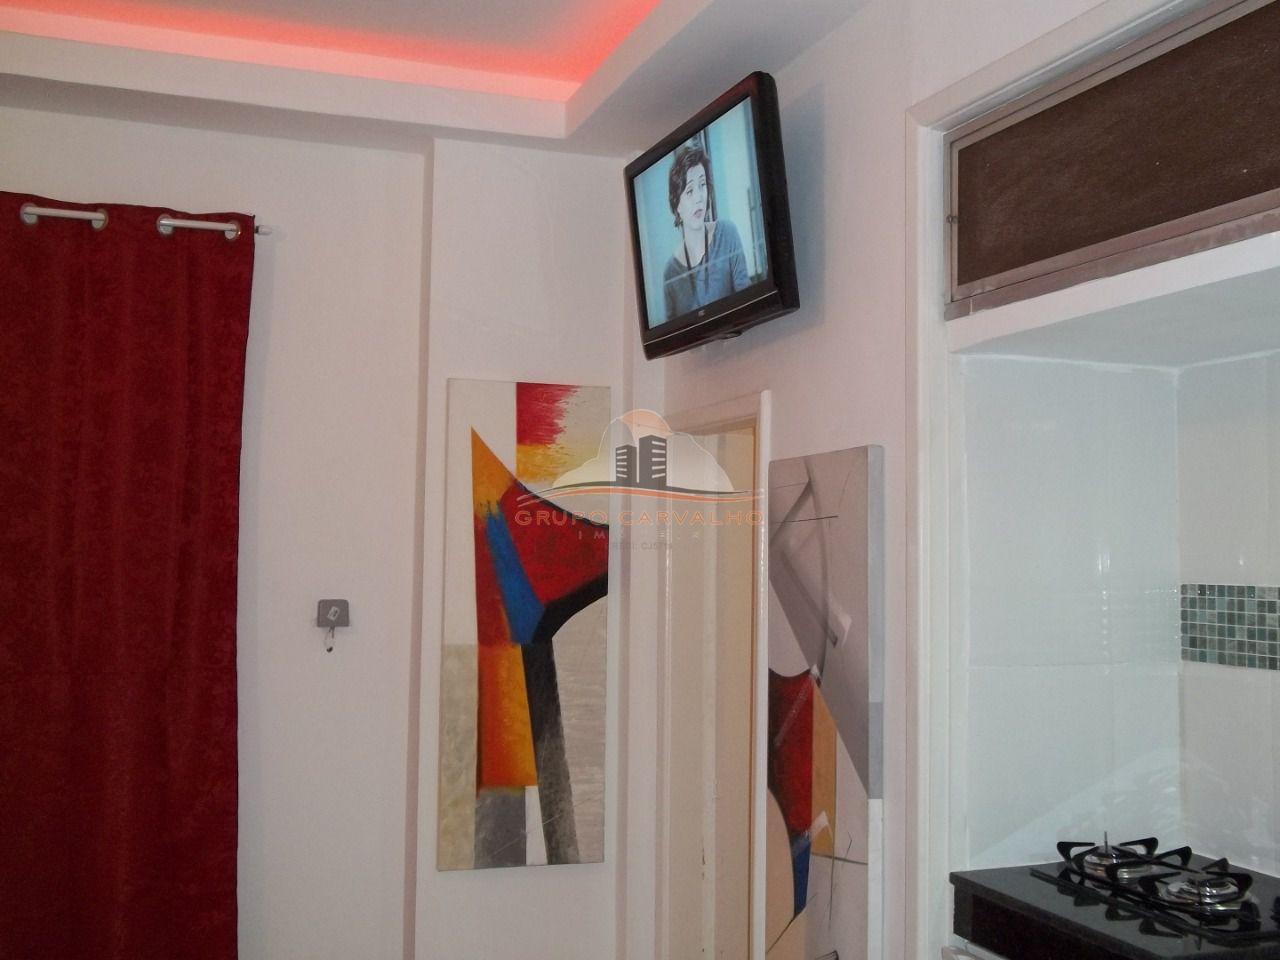 Kitnet/Conjugado 25m² à venda Rua Riachuelo,Rio de Janeiro,RJ - R$ 195.000 - CJI0011 - 7